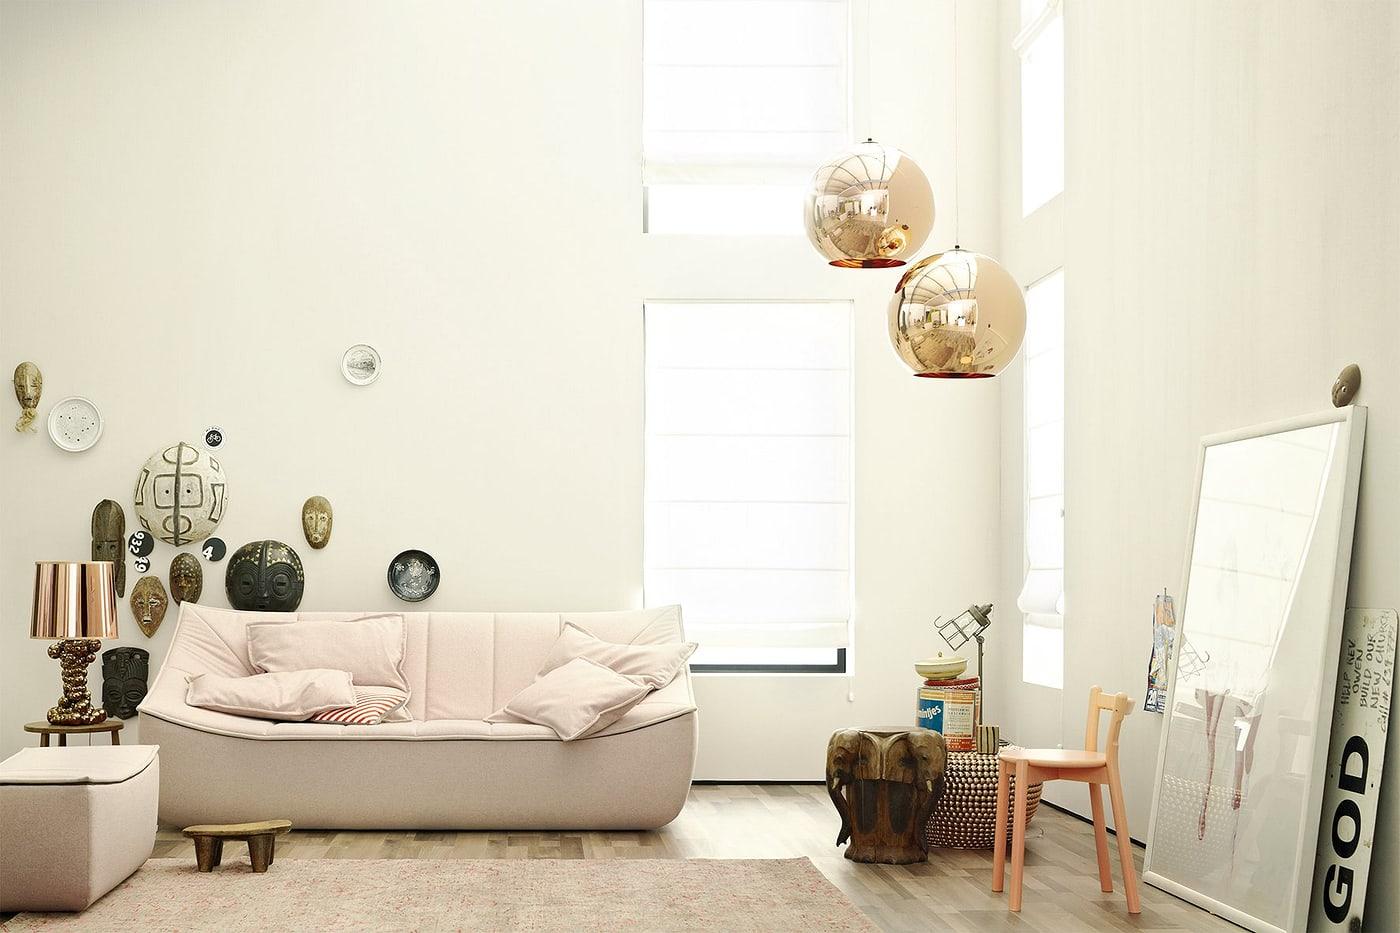 sch ner wohnen trend wandfarbe matt 1 ltr wool migros. Black Bedroom Furniture Sets. Home Design Ideas